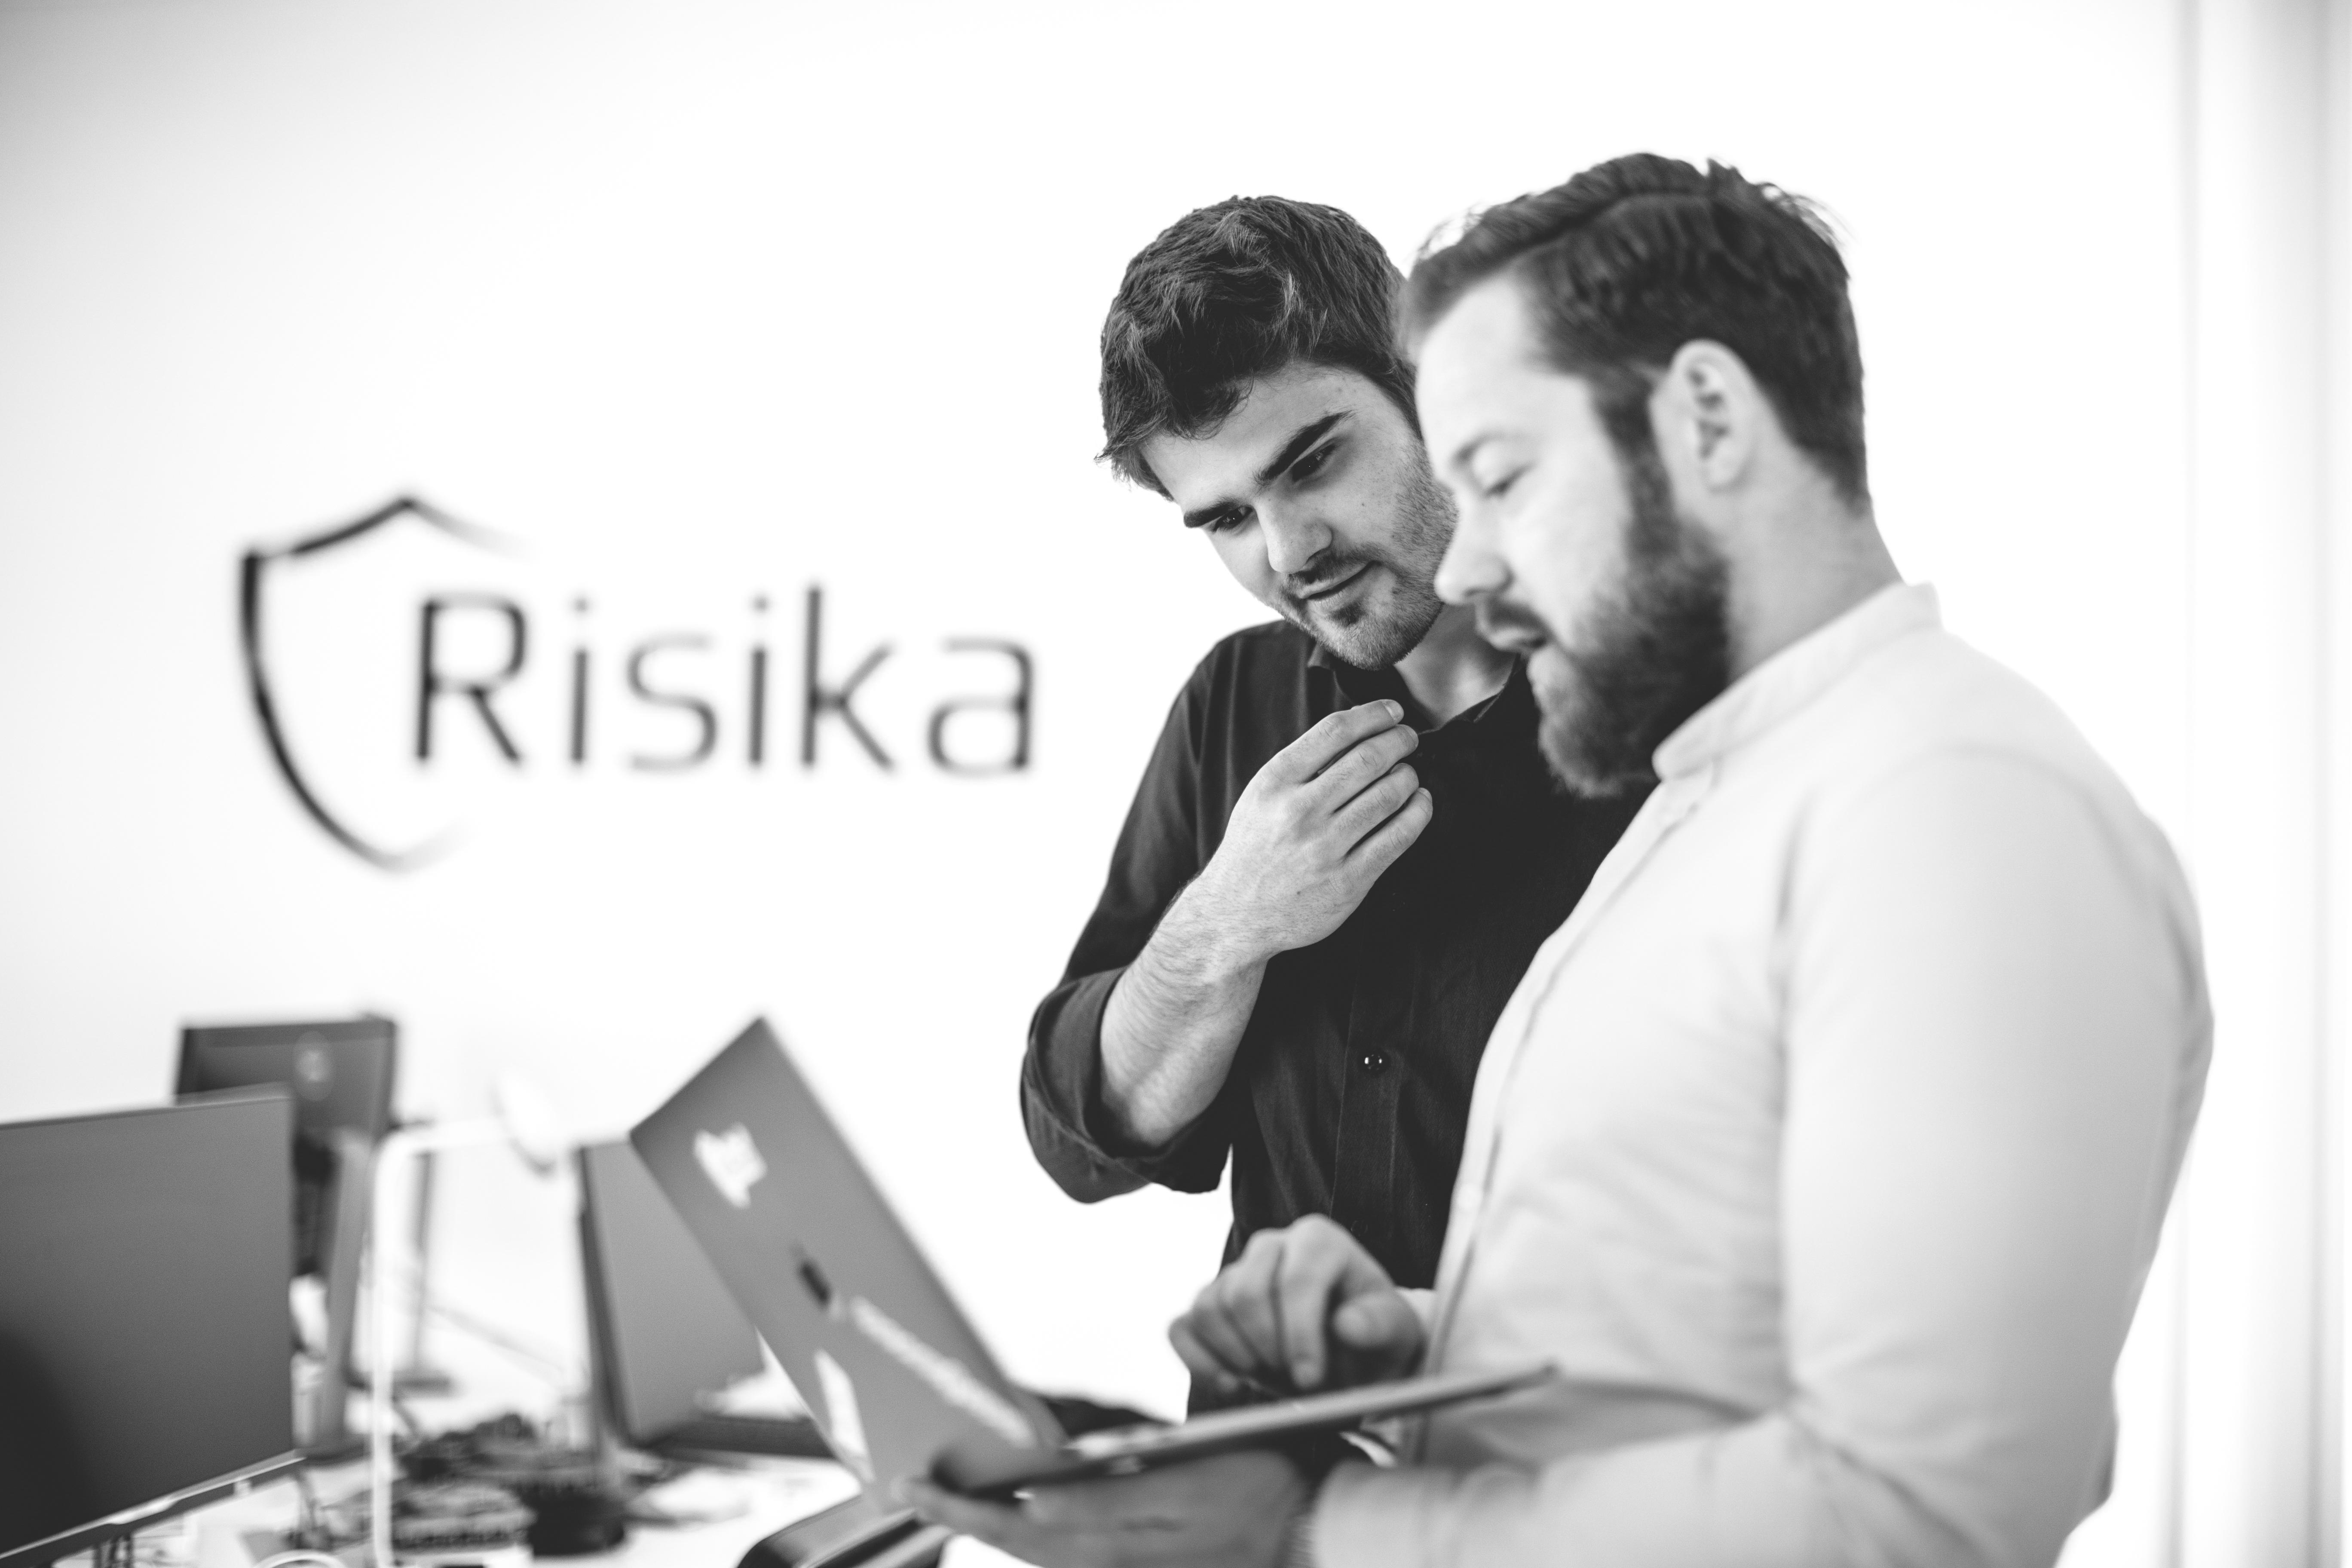 Optimering af kundeflow Risika